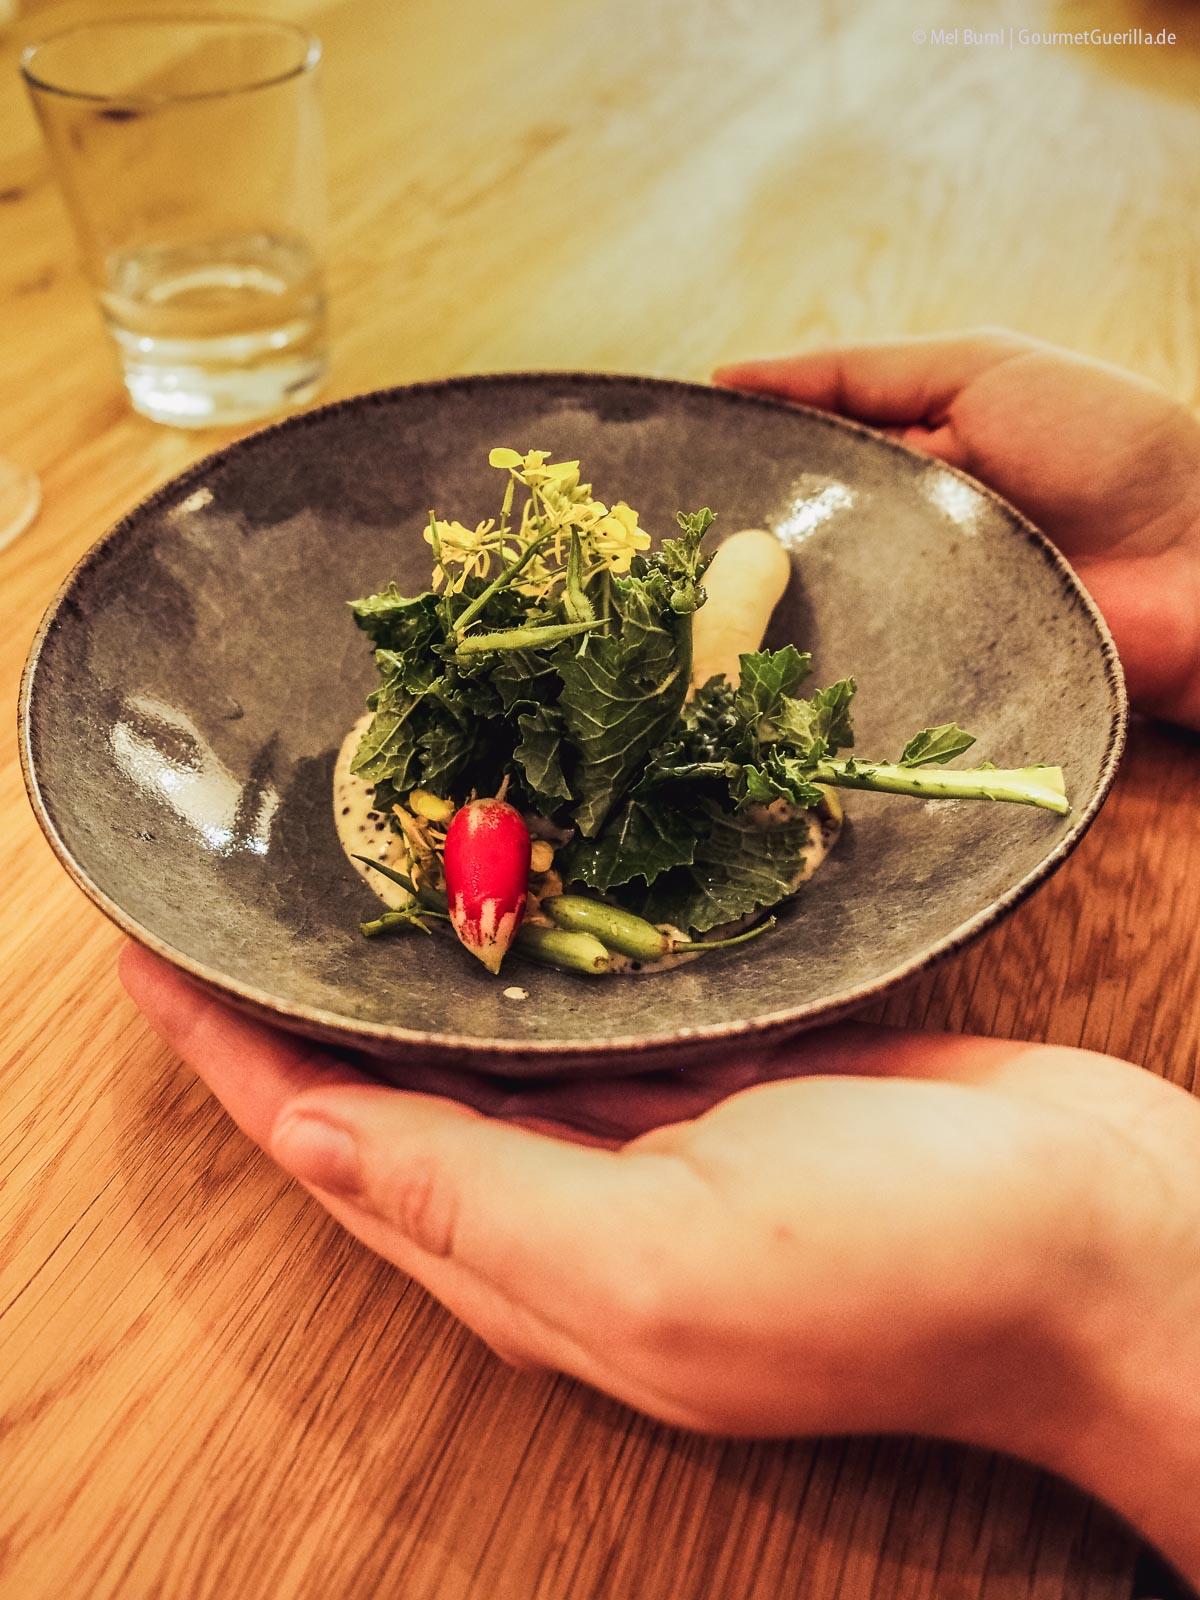 Kleine Auszeit in Ploen- Das Wohnzimmer-Restaurant von Robert Stolz |GourmetGuerilla.de